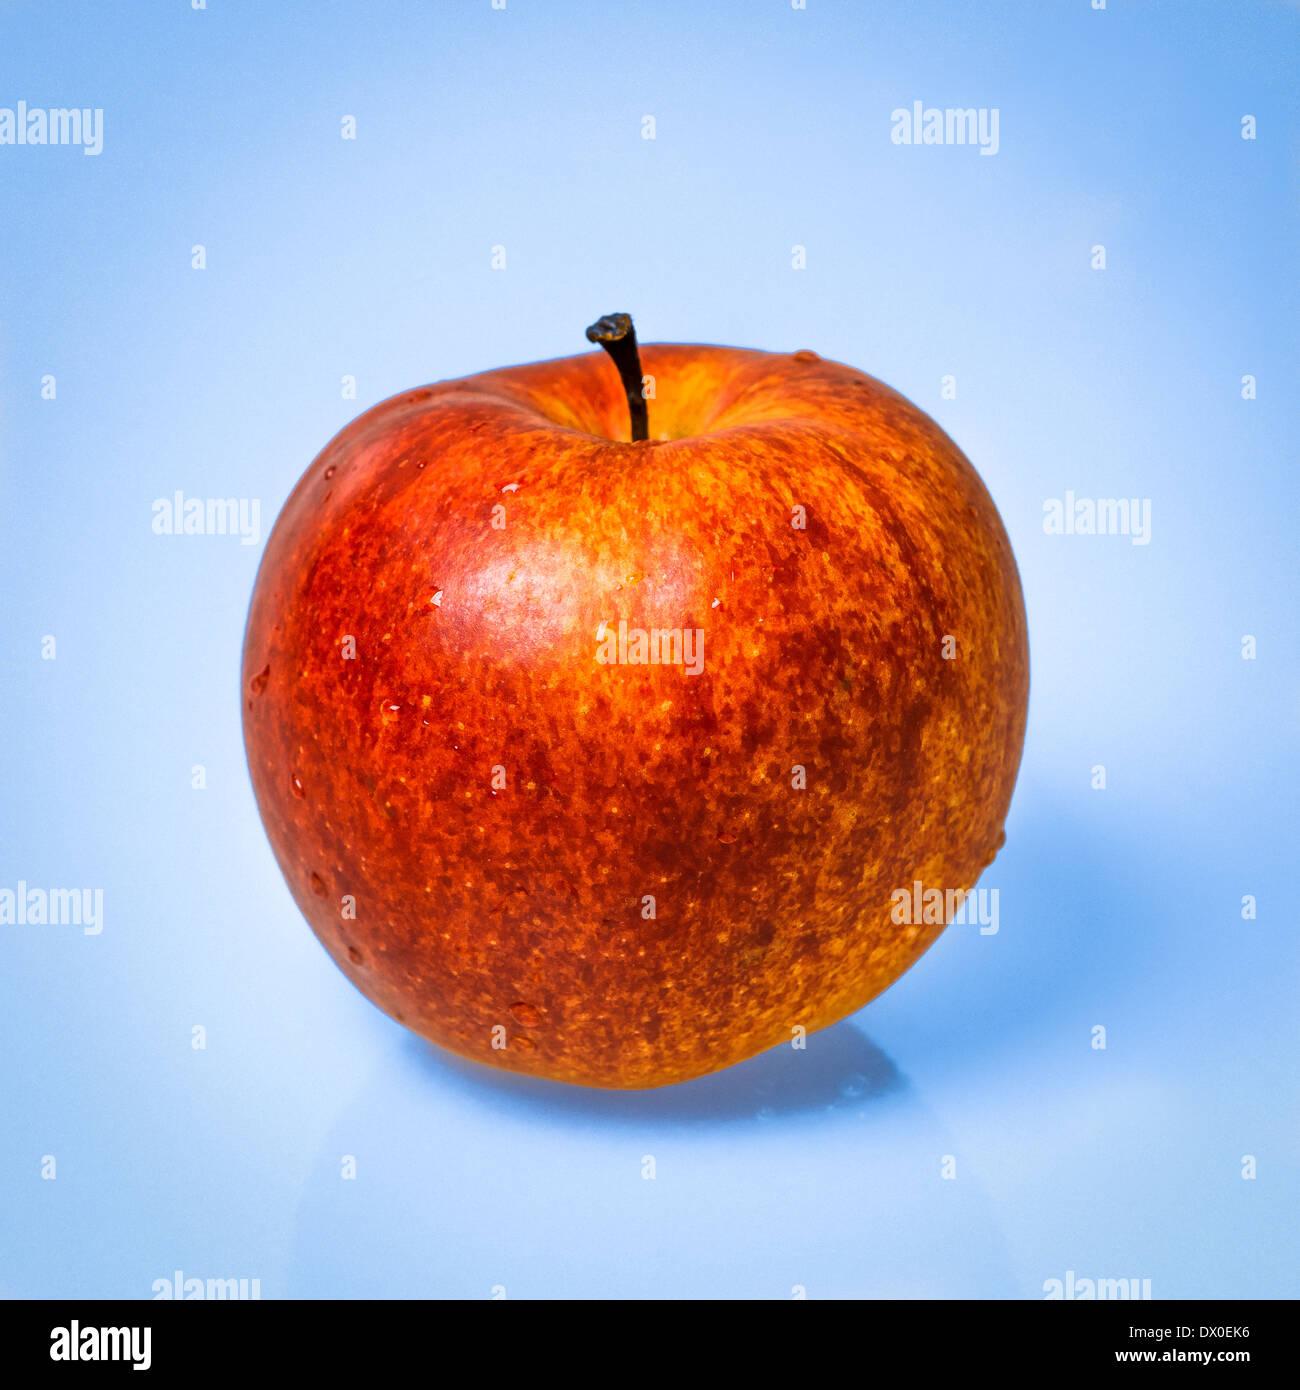 Las manzanas rojas contra el fondo azul claro. Objeto único. La fotografía de formato cuadrado. Imagen De Stock